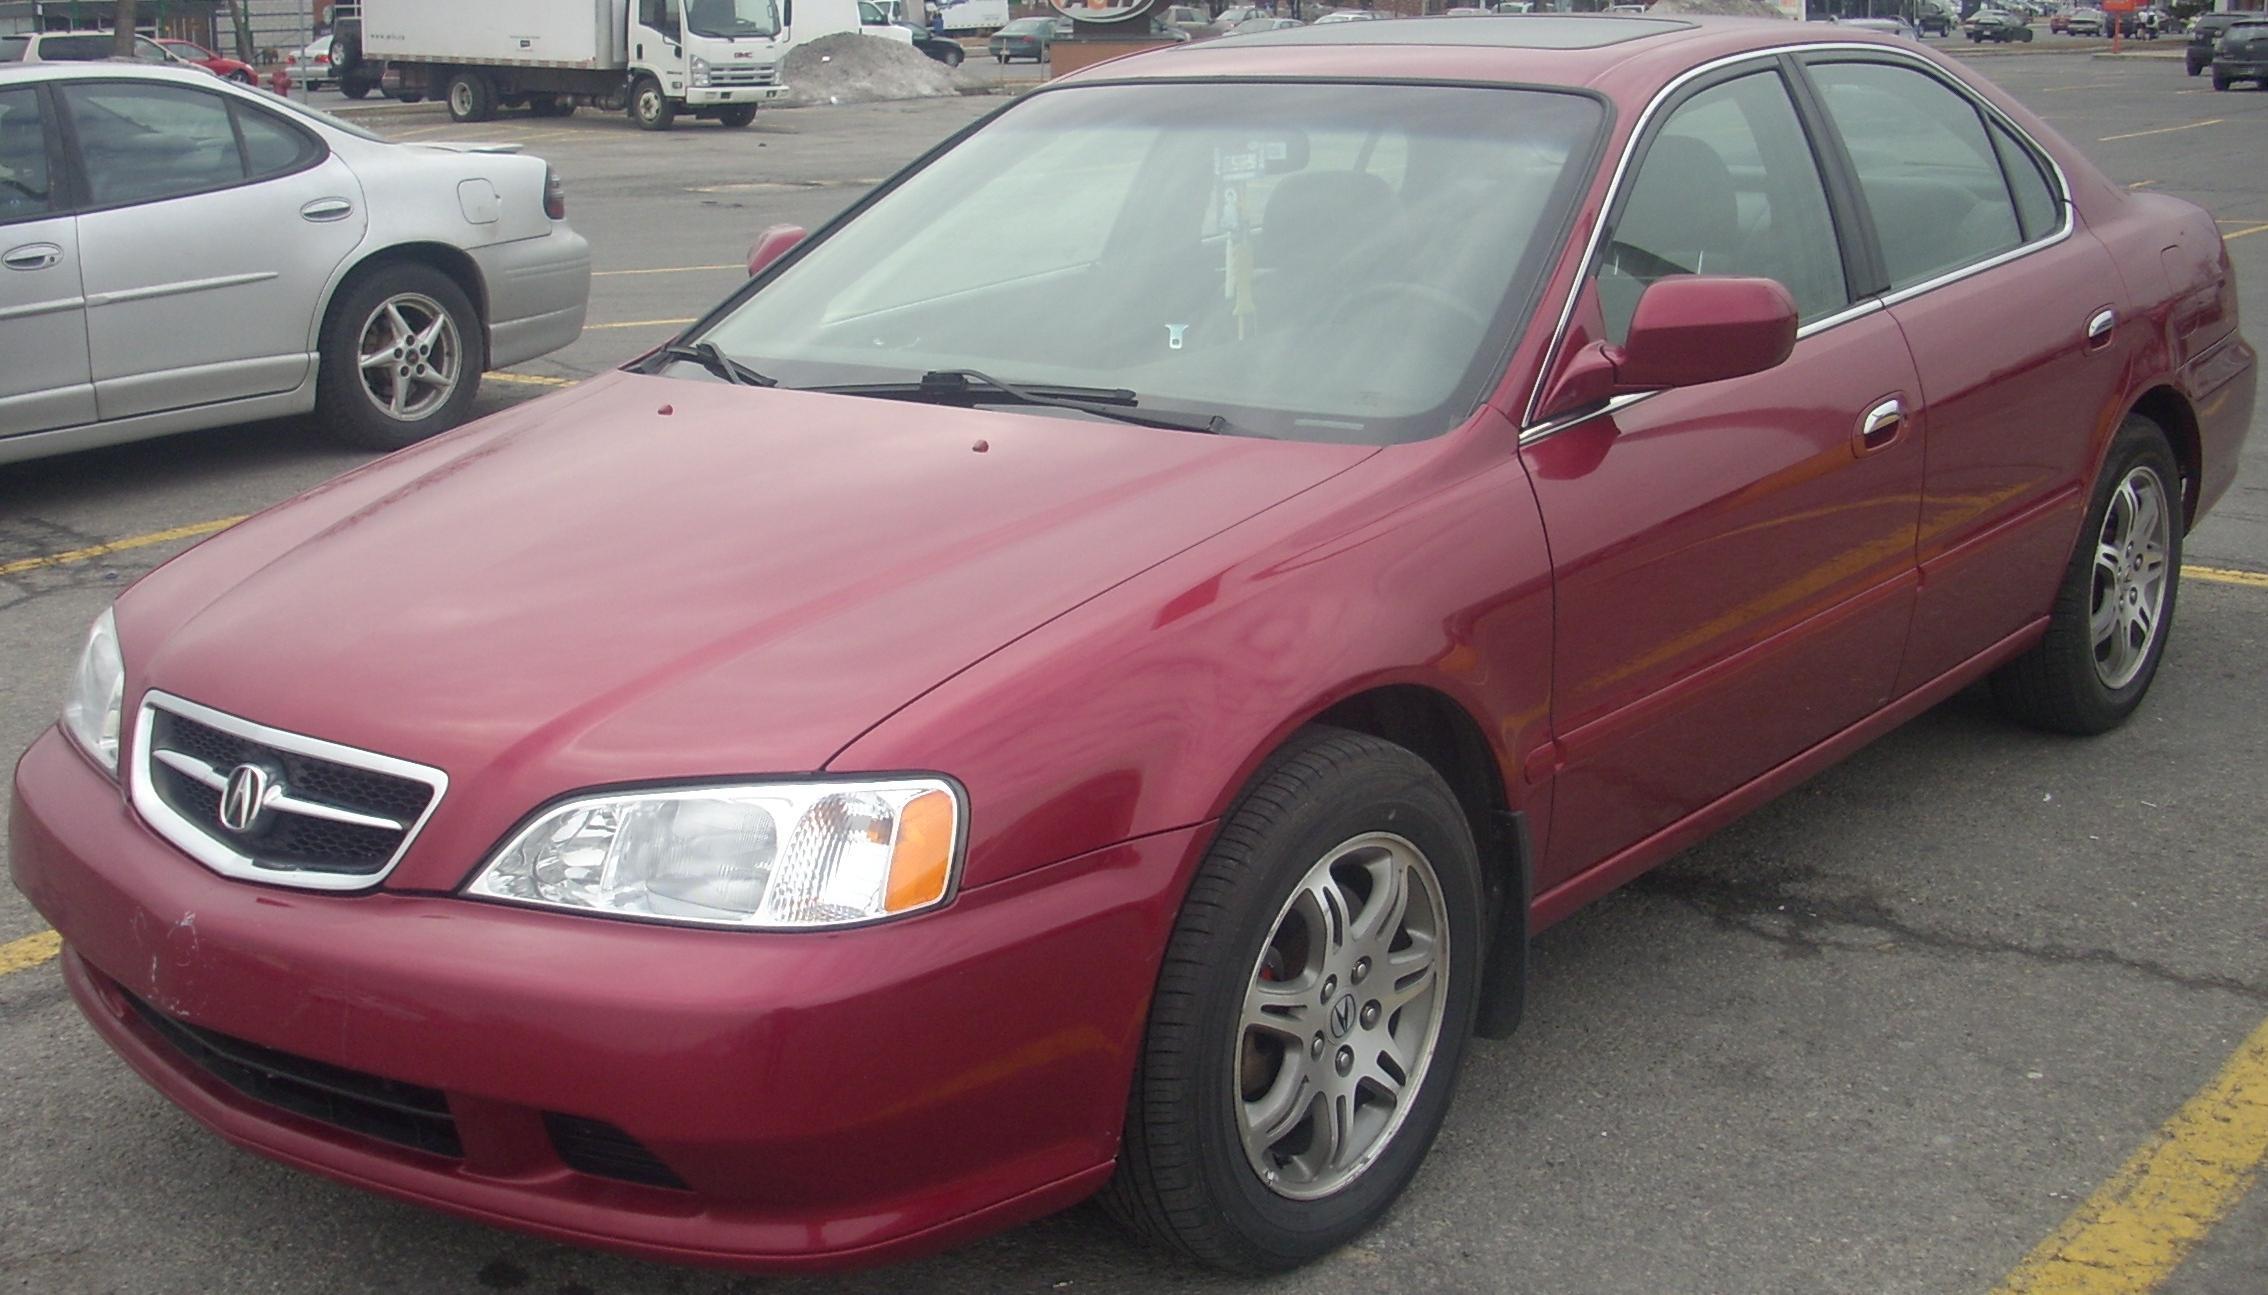 File:1999-2001 Acura 3.2TL.JPG